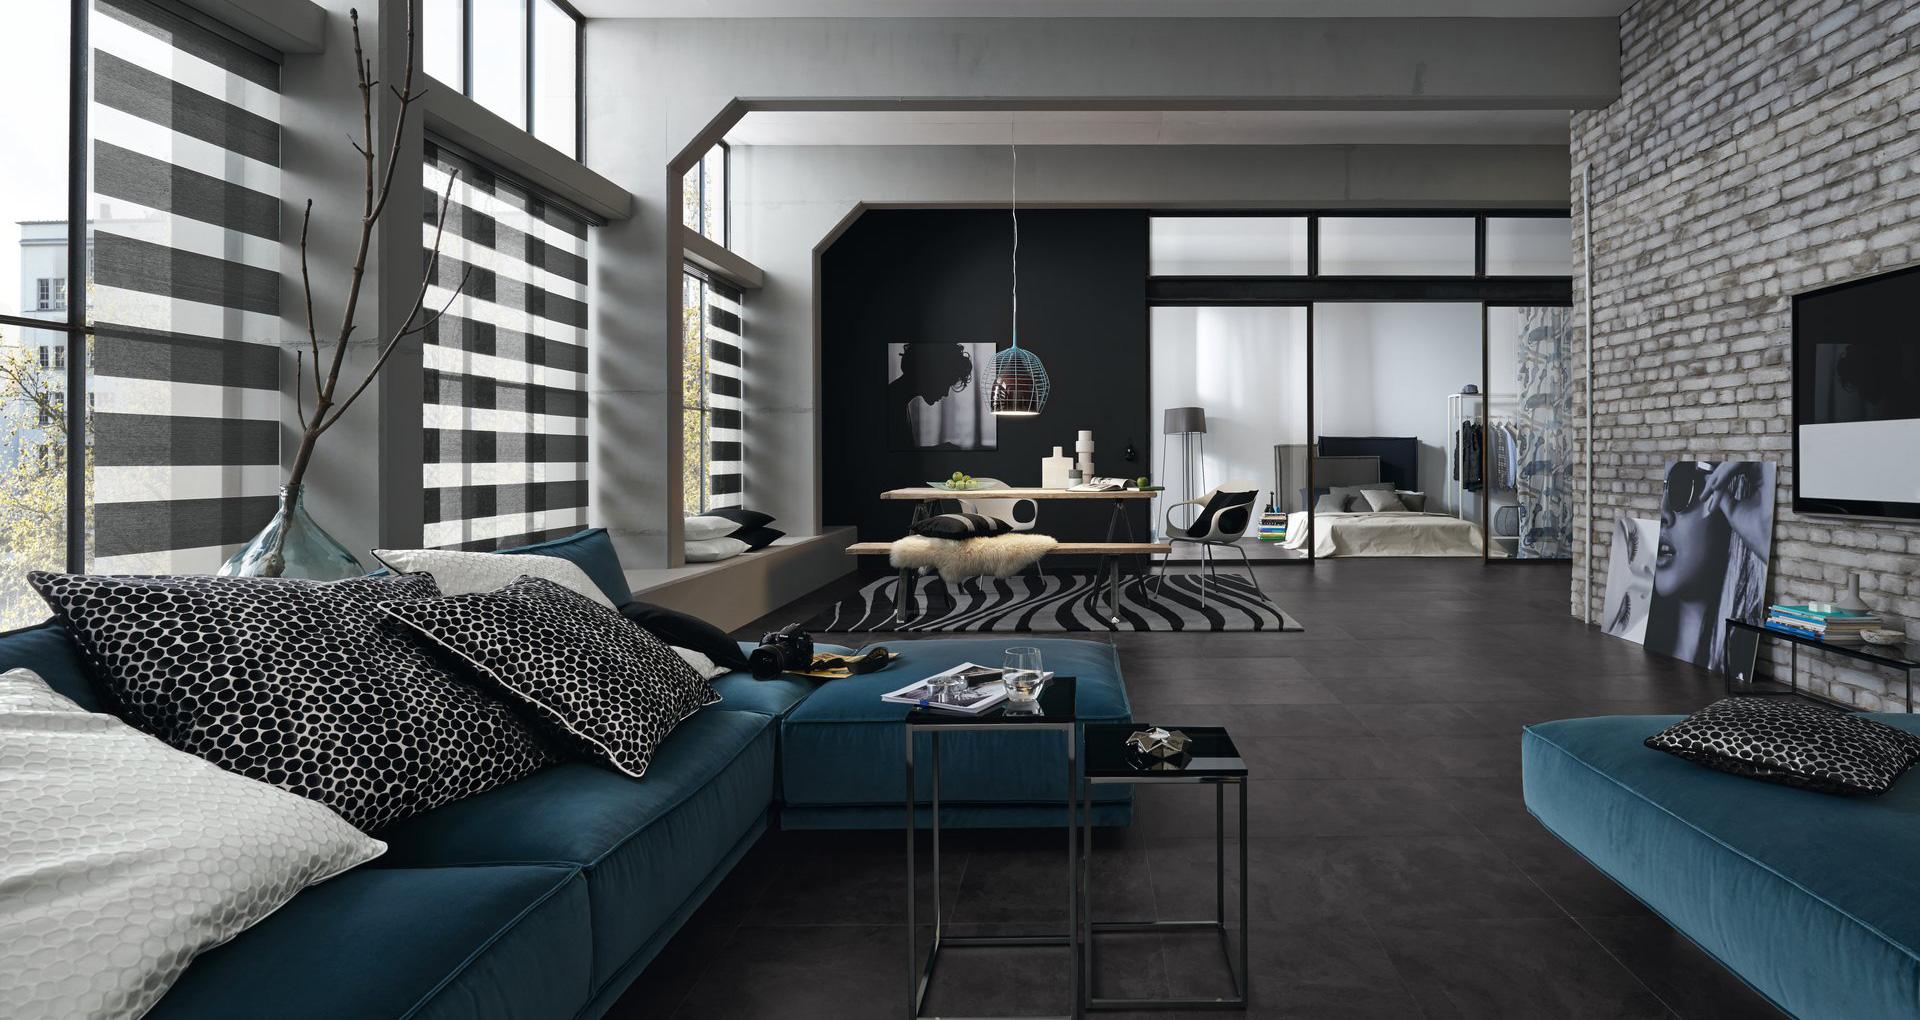 Herzlich Willkommen - dekoline modernes wohndesign in Pasewalk